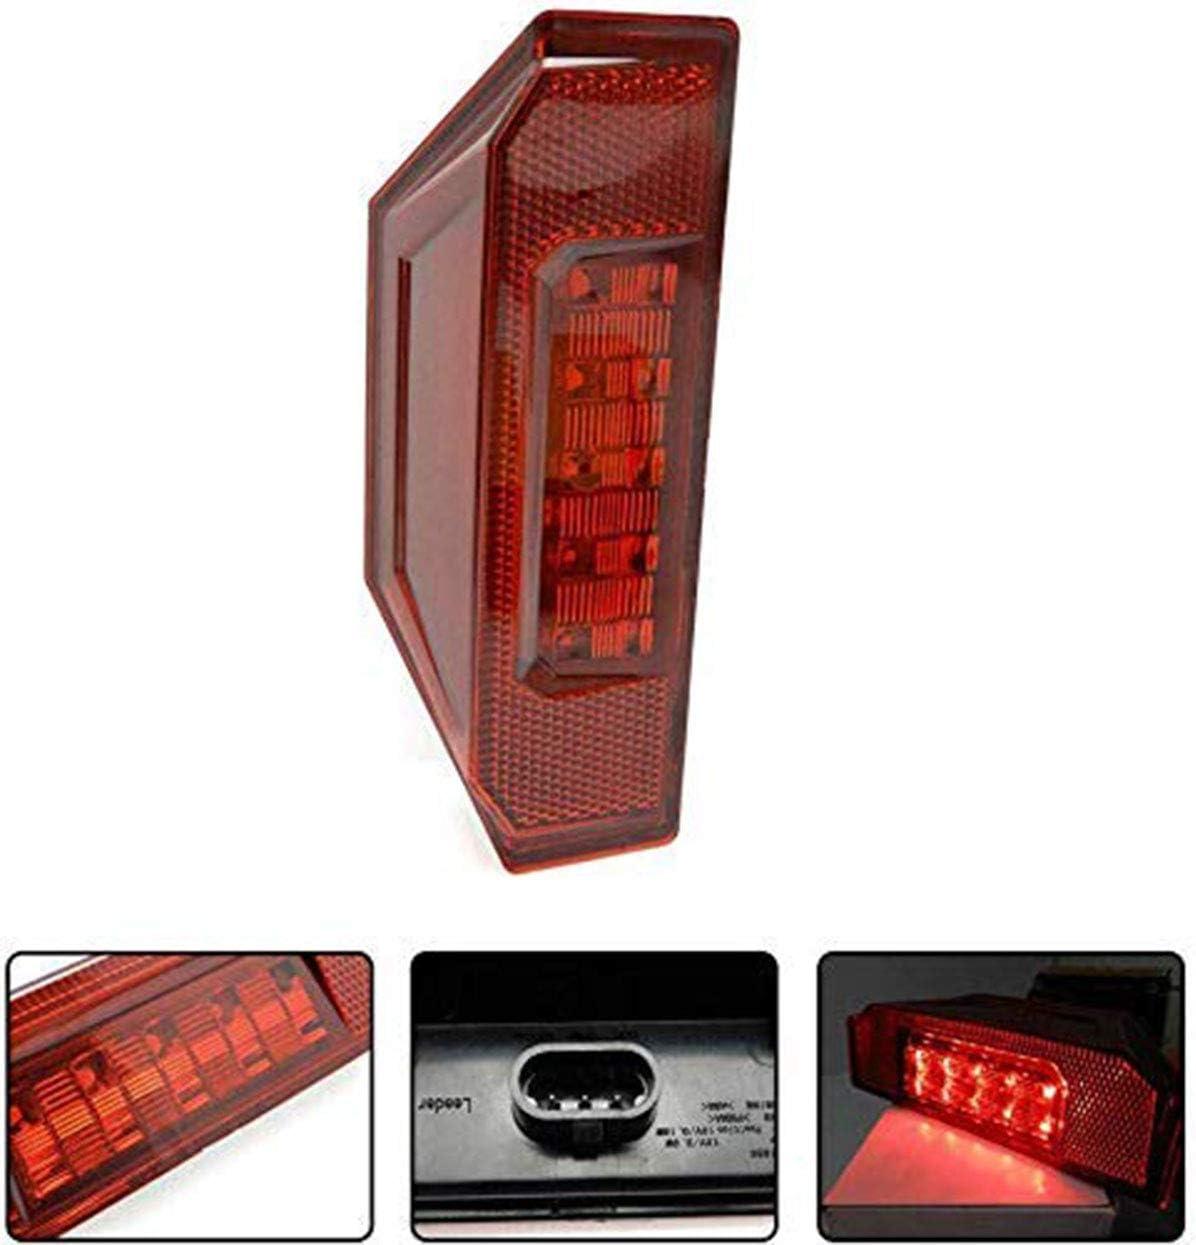 PAIR 2412774 Polaris Ranger 570 900 1000 XP Rear LED Taillight Black Out Lens